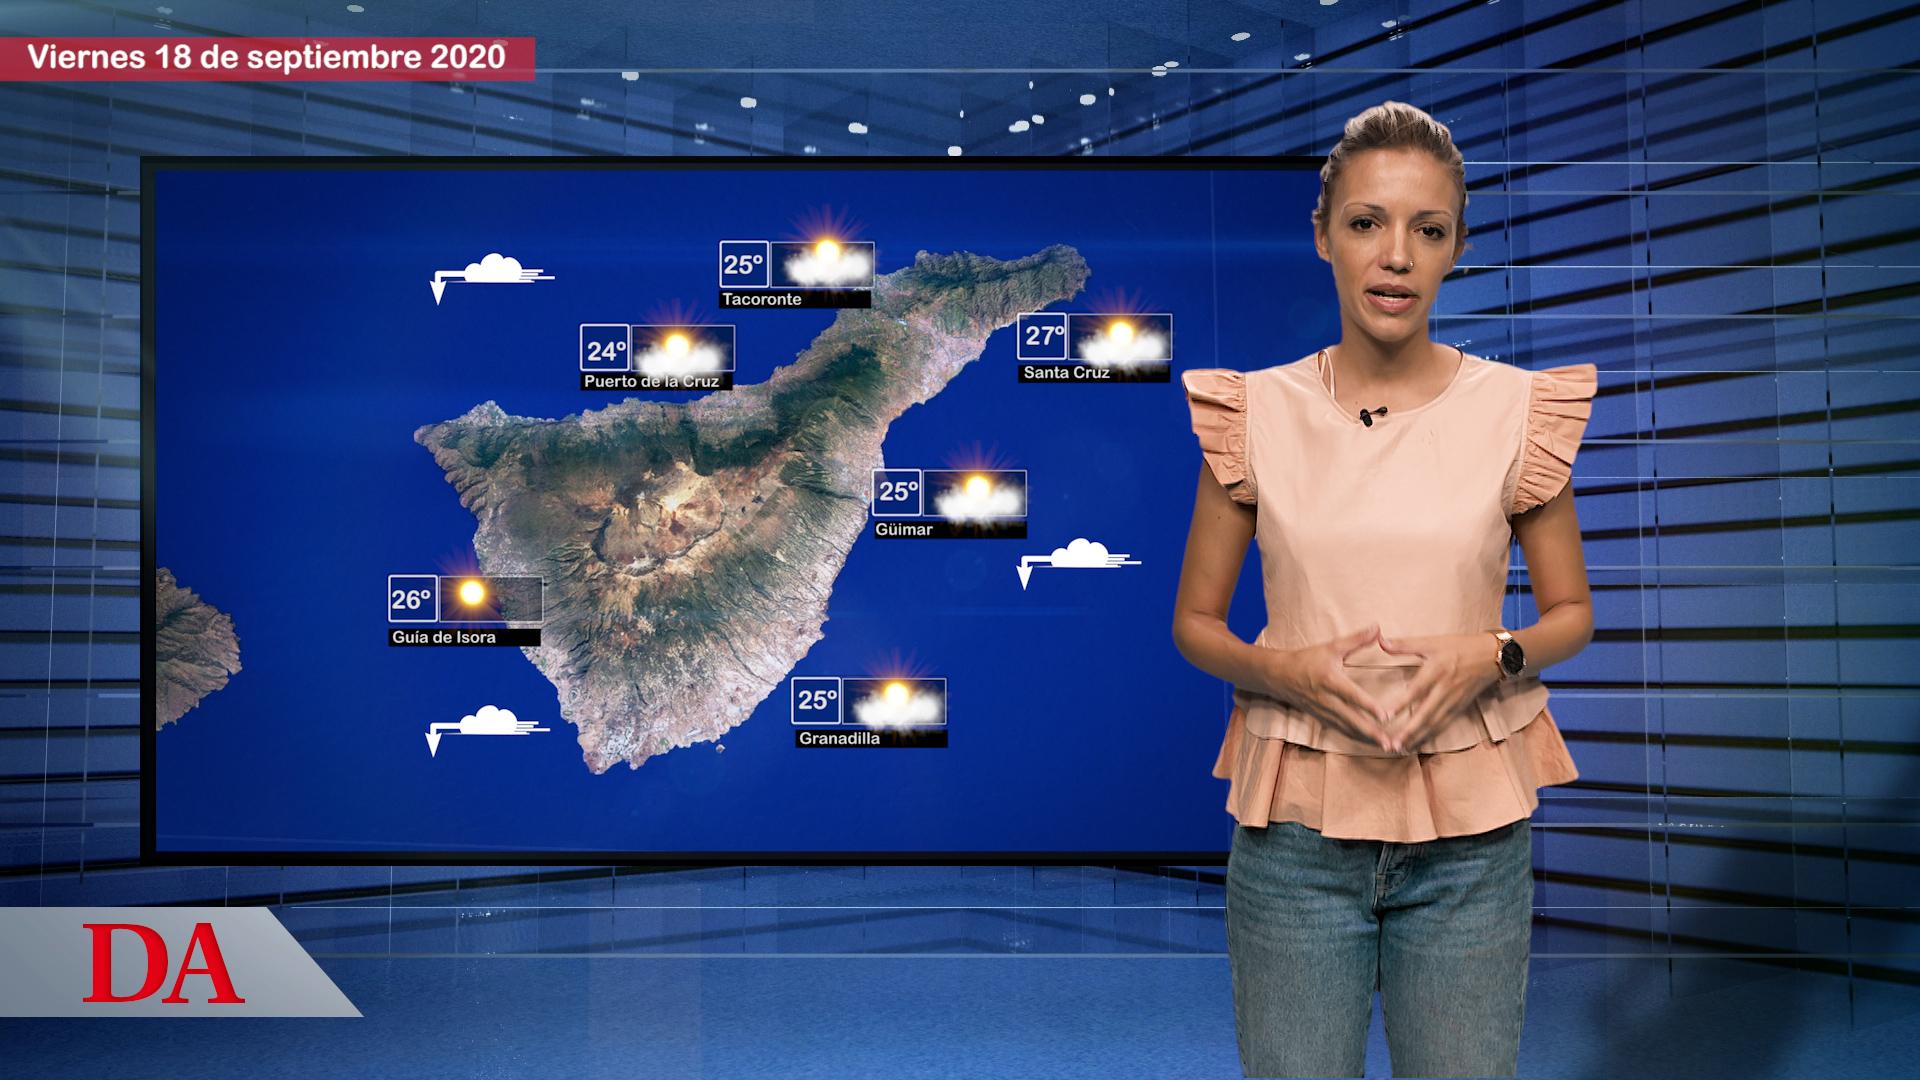 La previsión del tiempo en Canarias. DAMedia